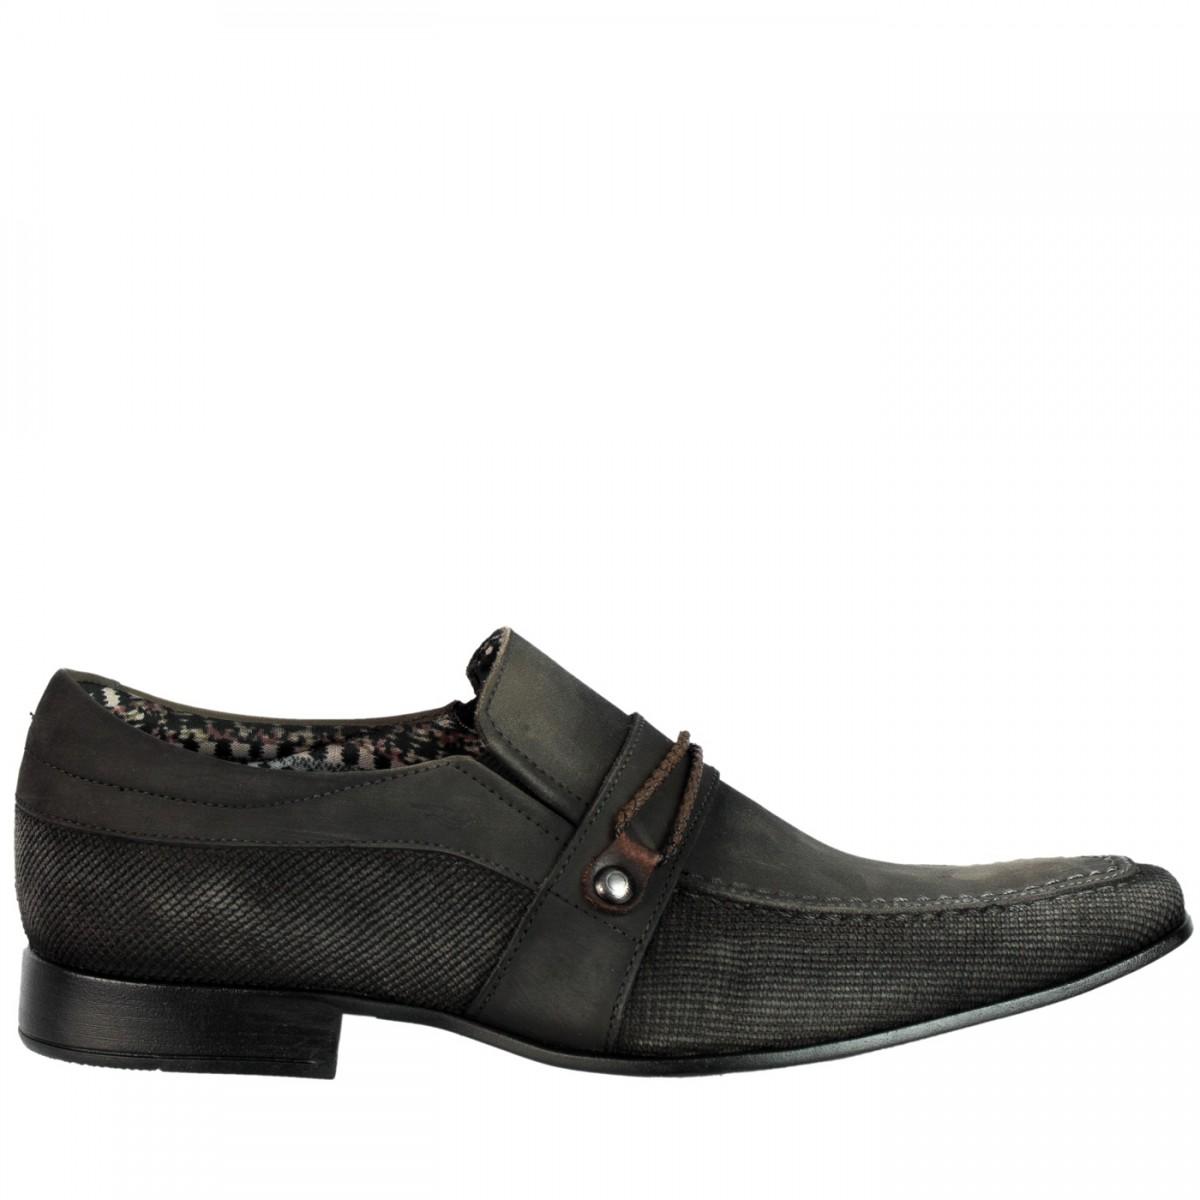 21ac68260 Bizz Store - Sapato Social Masculino Rafarillo Magnum Cinza